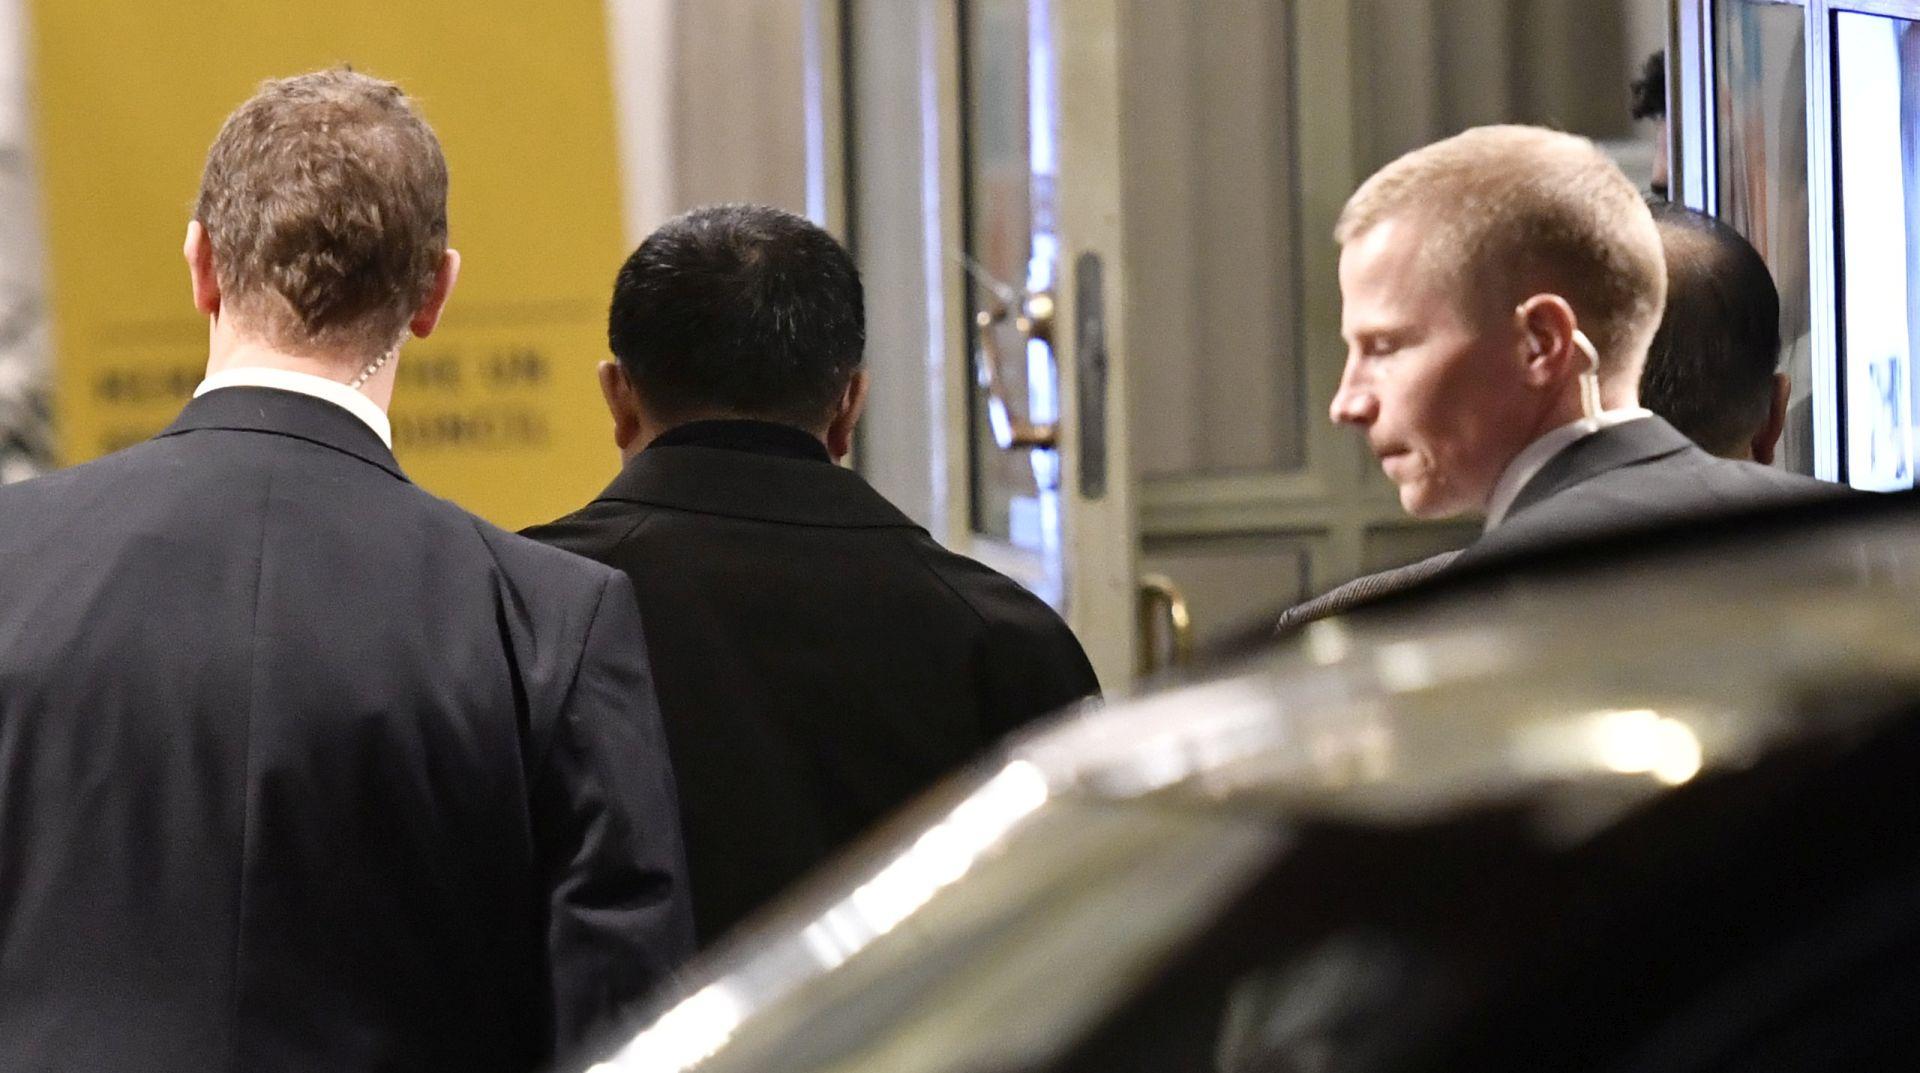 Sjevernokorejski ministar stigao u iznenadni posjet Švedskoj